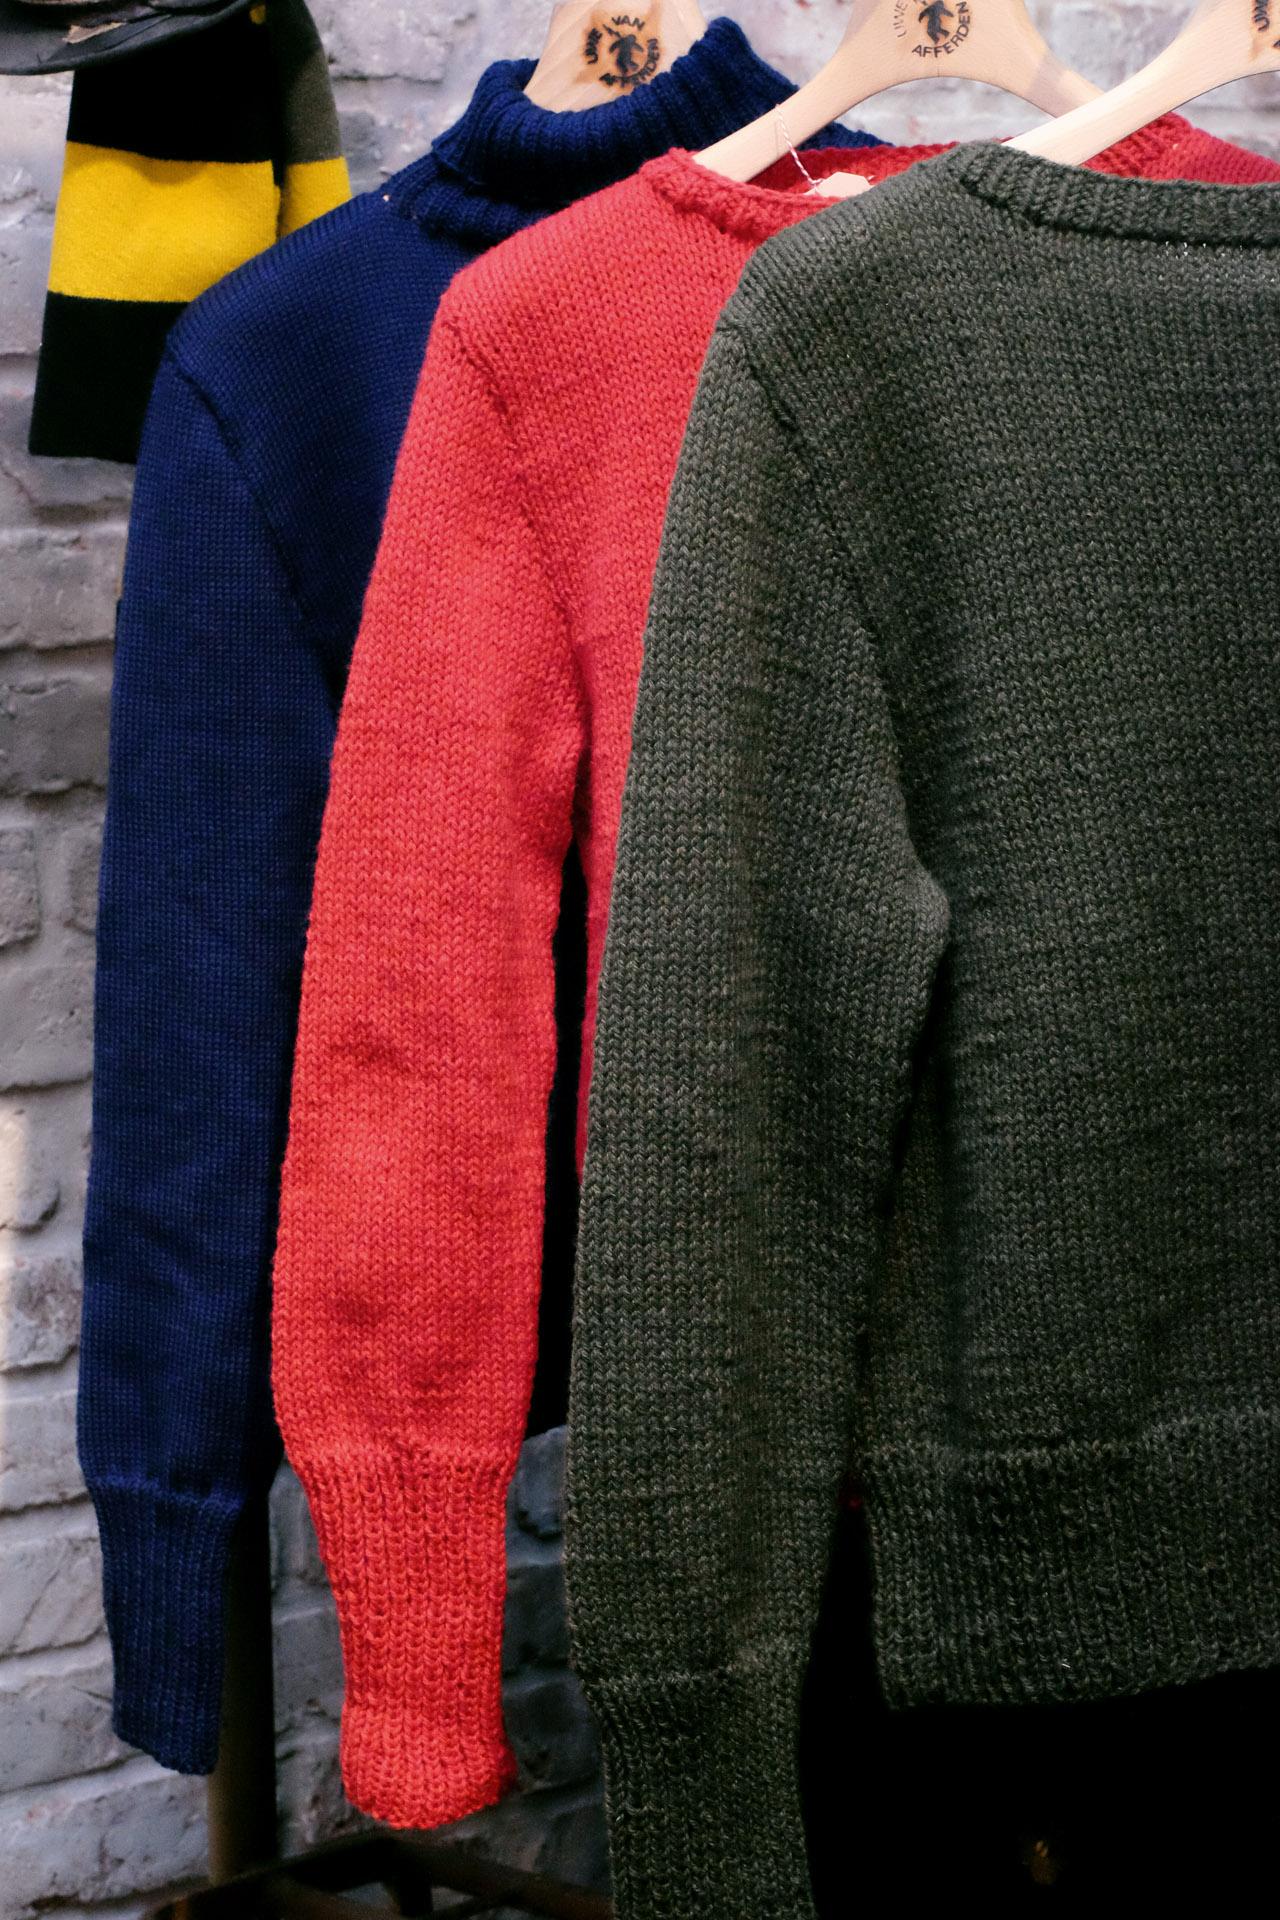 interbrigade-pullover-strick-wolle-landwolle-rollkragen-handmade